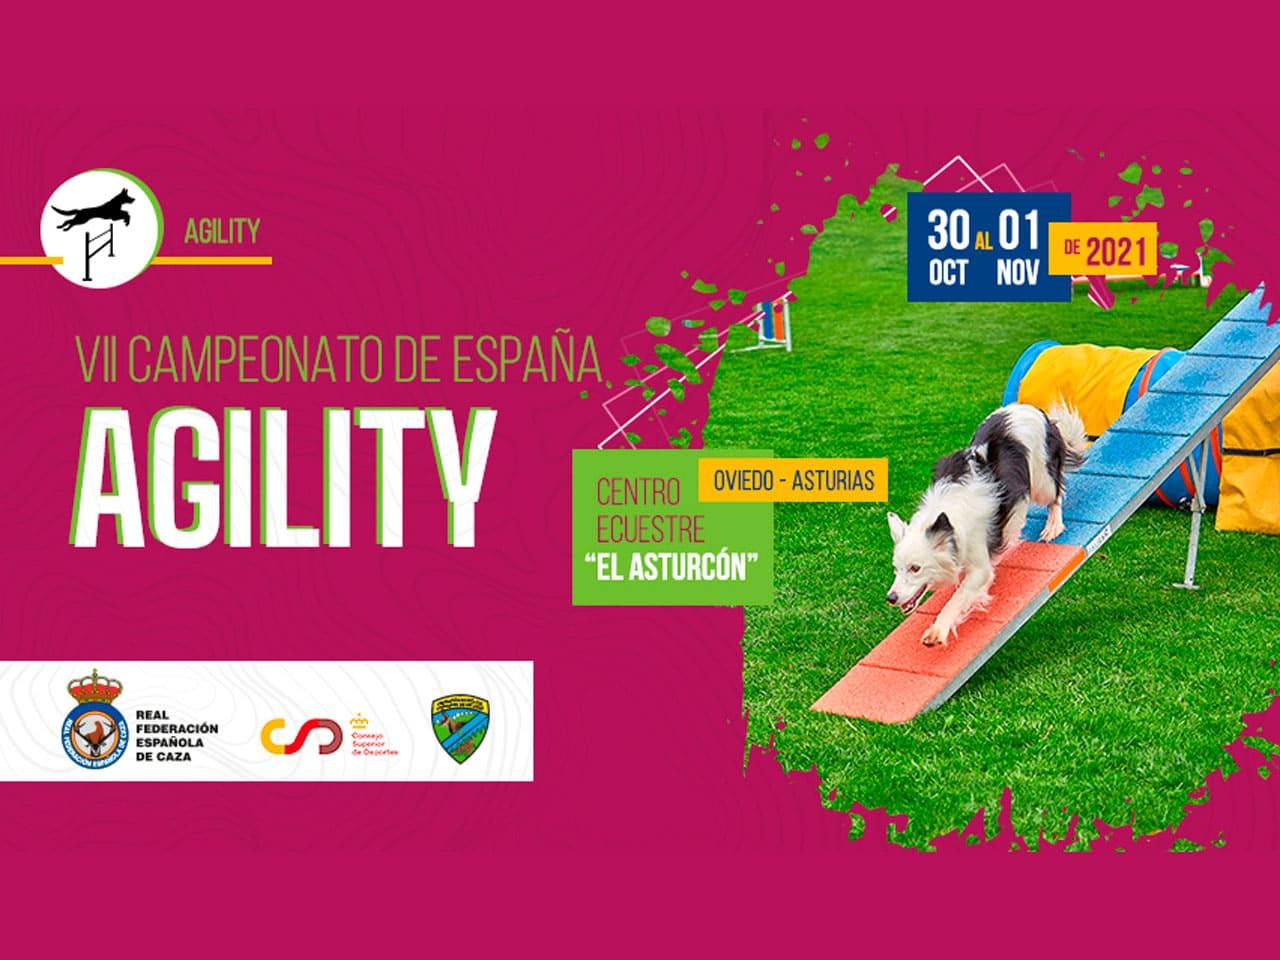 VII Campeonato de España Agility